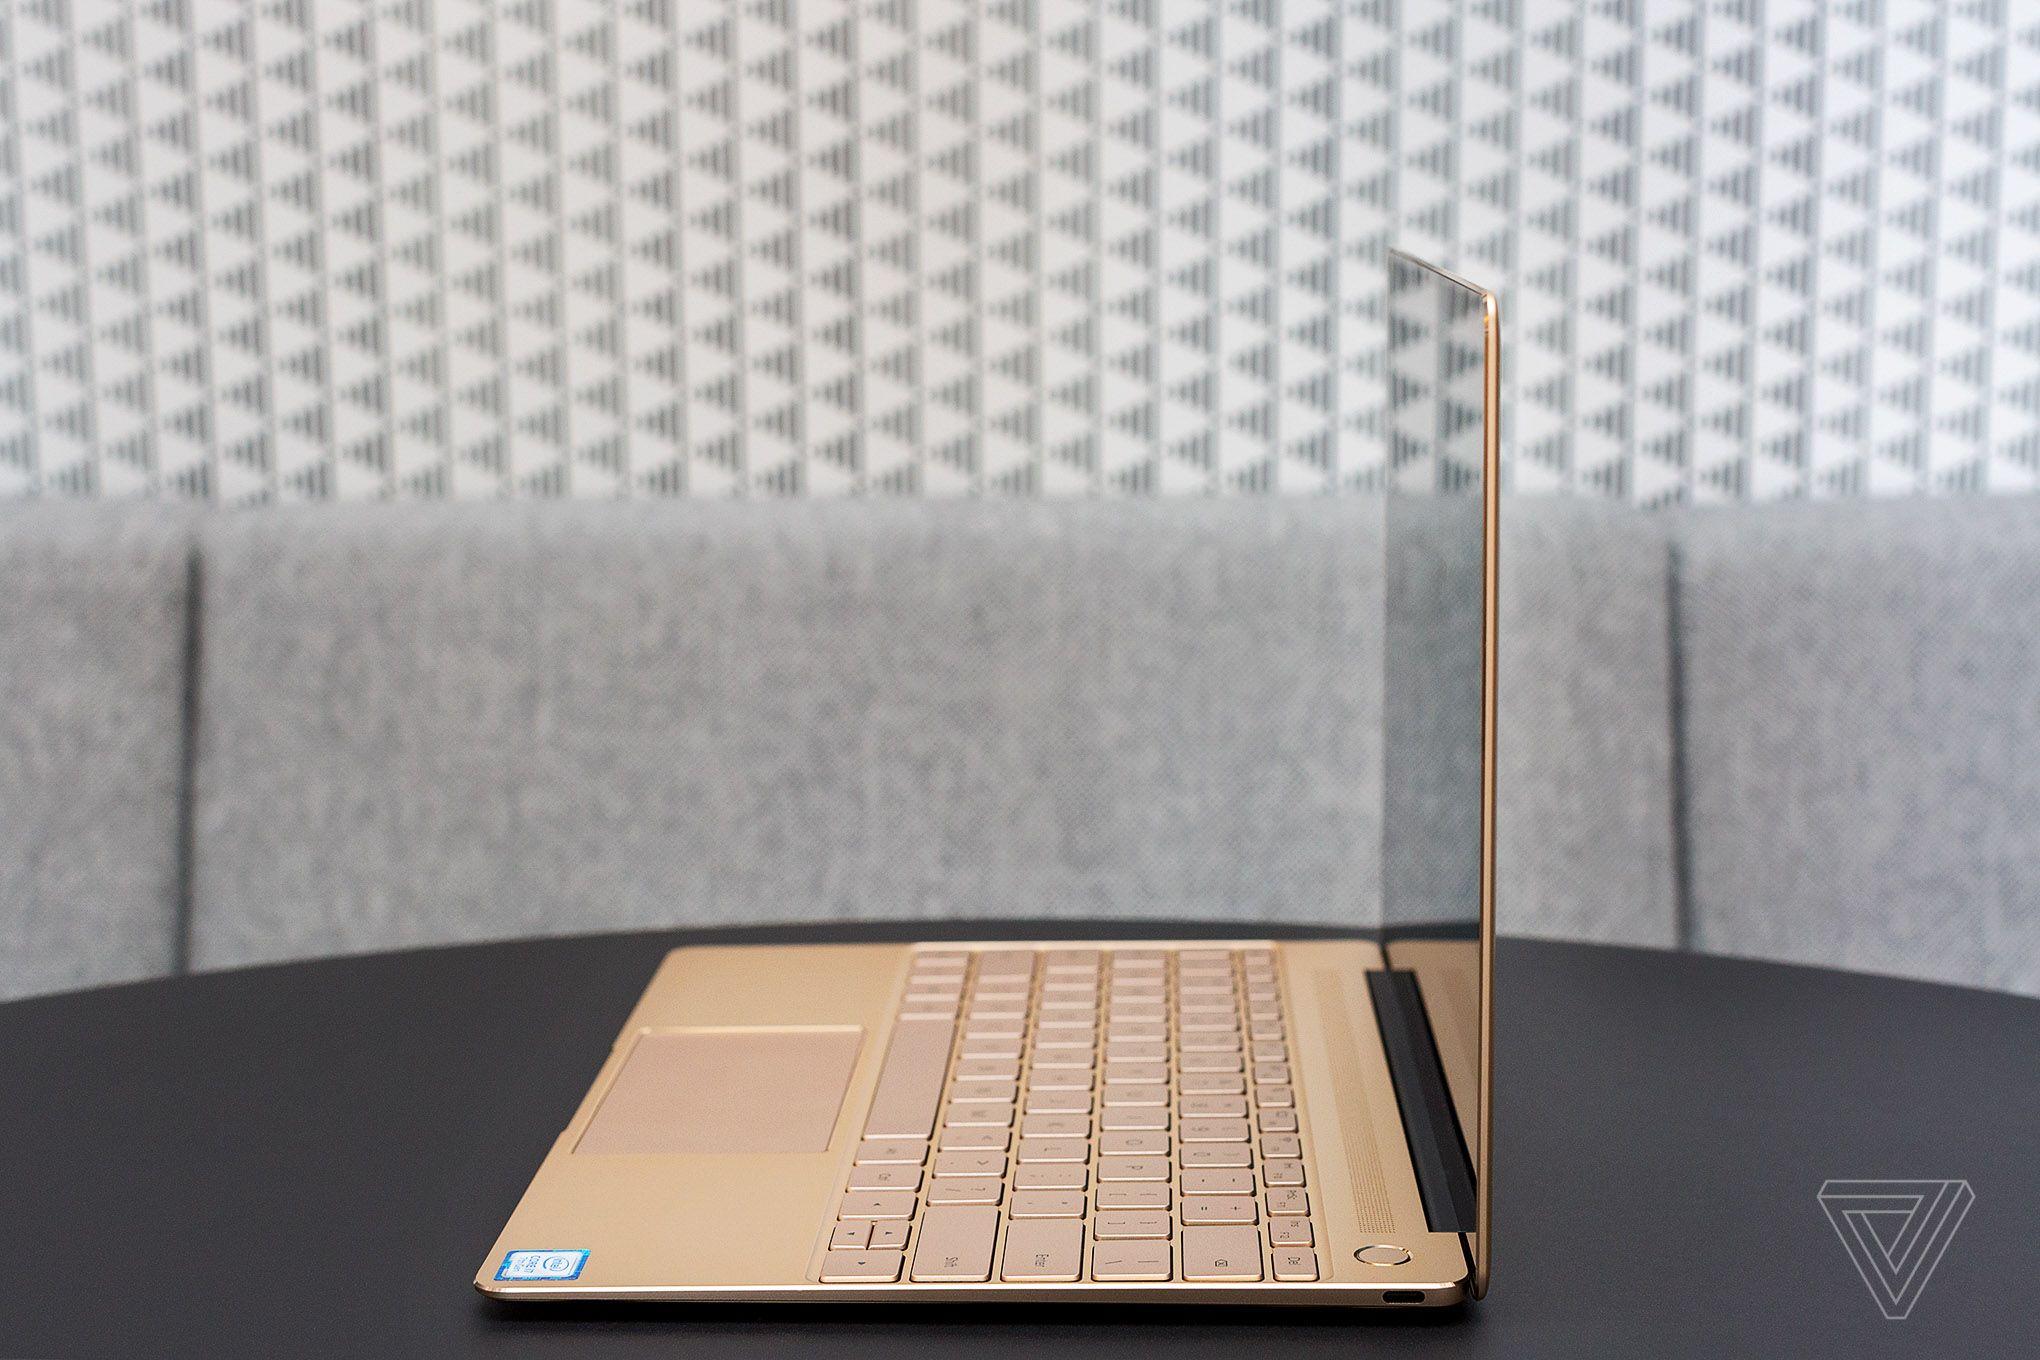 اگر تاچ پد ناکارآمد دستگاه را در نظر نگیرید تجربه کاربری این لپتاپ کاملا روان و سریع است؛ که از یک کامپیوتر دارای پردازنده Core i7-7500 و 8 گیگابایت رم نیز برای کاربری روزمره جز این هم انتظاری نمیرود.